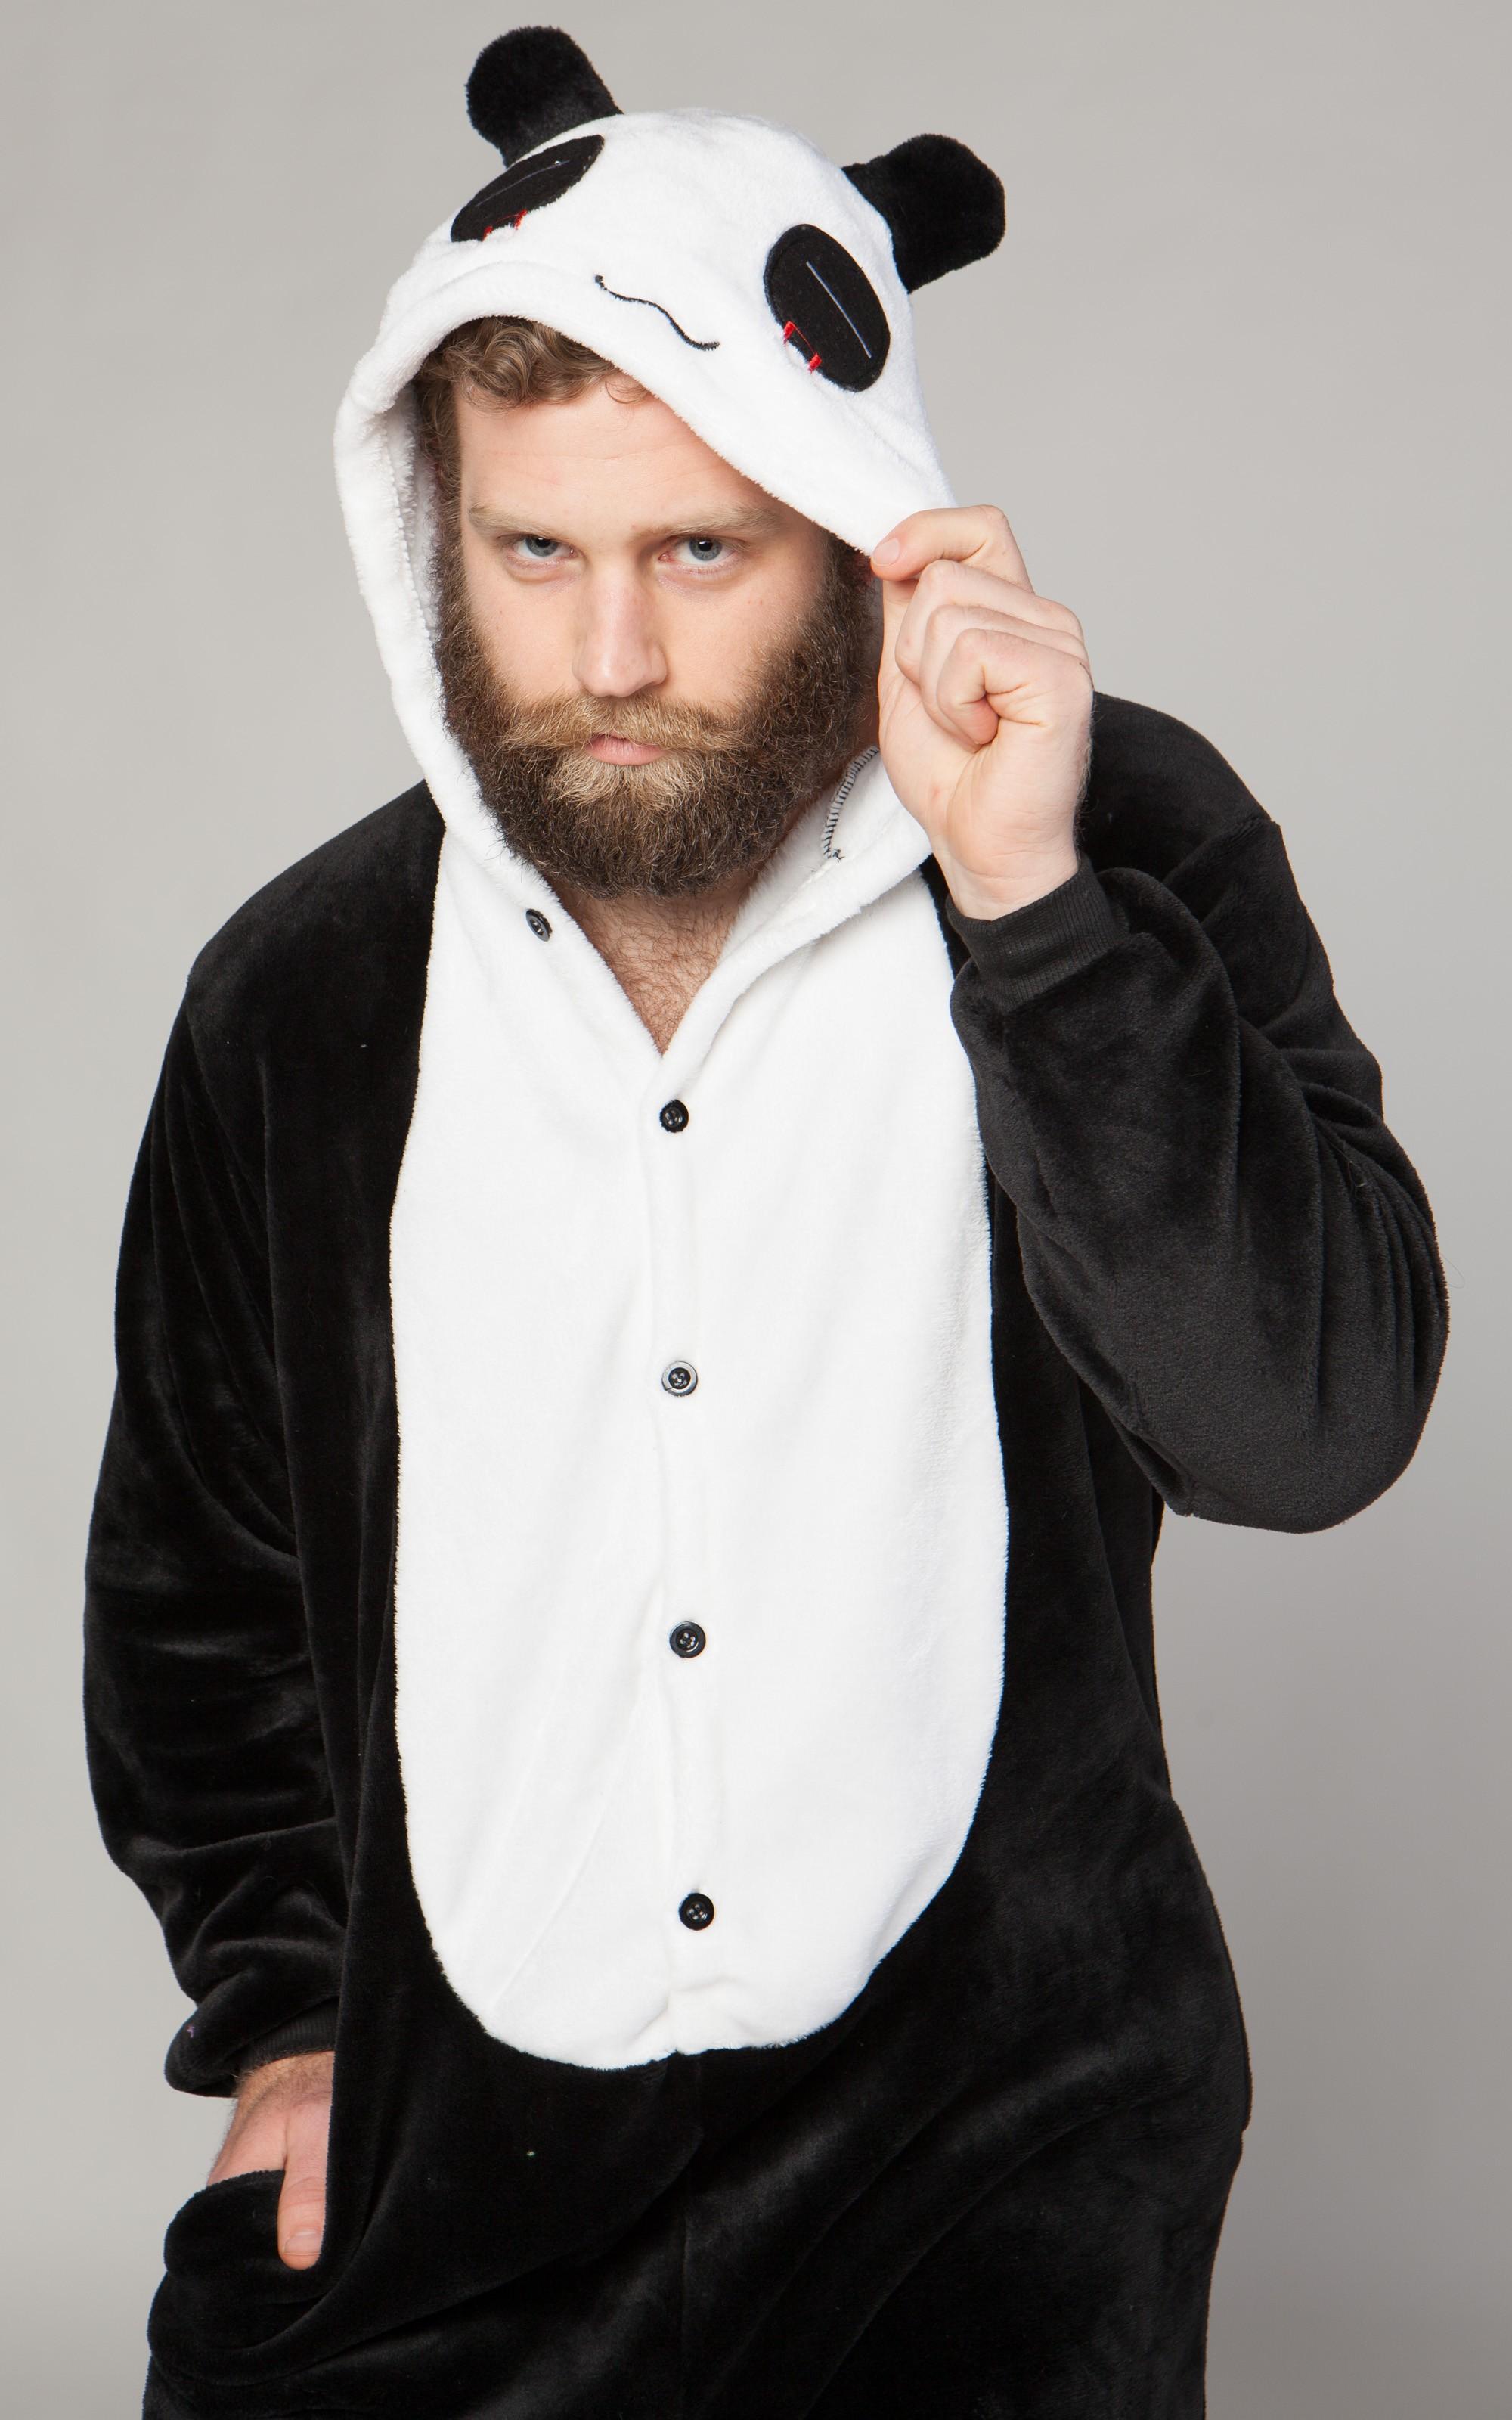 74a7579118c4 Buy your Kung Fu Panda onesie now! - PartyinyourAnimal.com